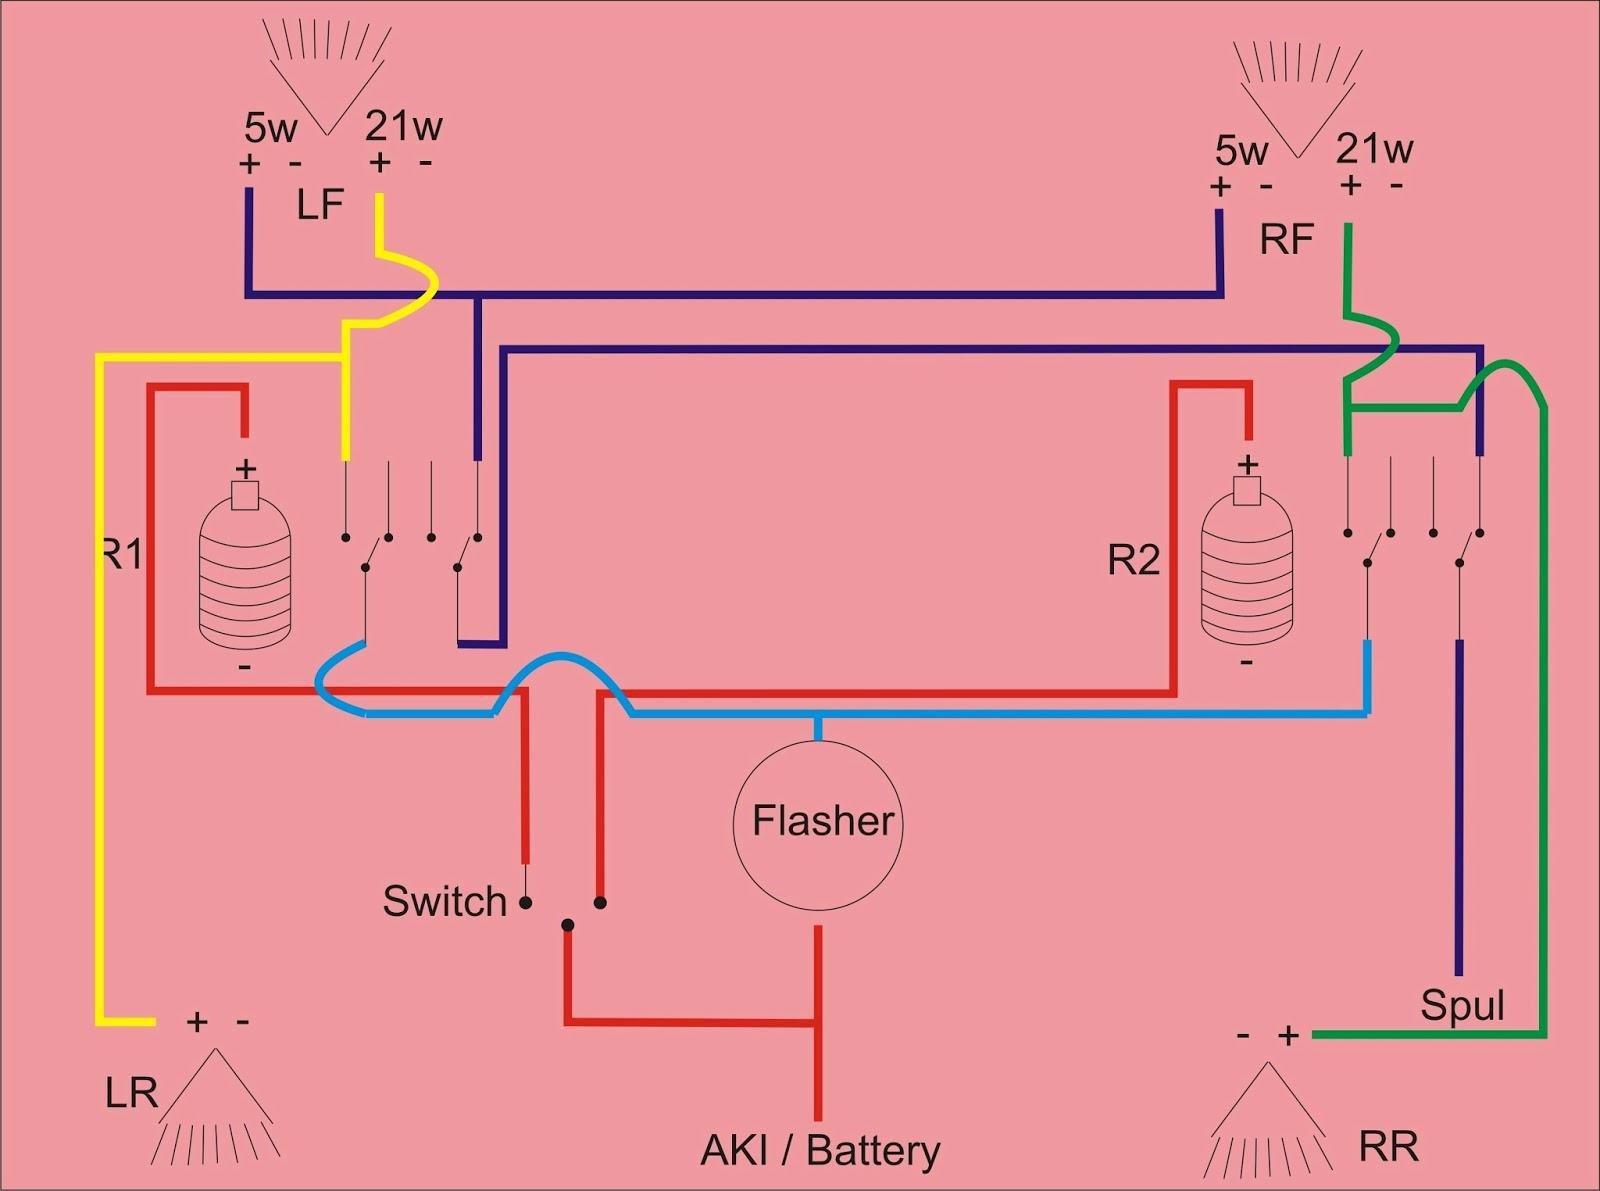 Wiring diagram lampu senja wiring data informasi tentang binter merzy membuat lampu senja sederhana ala rh kz200bintermerzy blogspot com lampu meja lampu meja asfbconference2016 Image collections